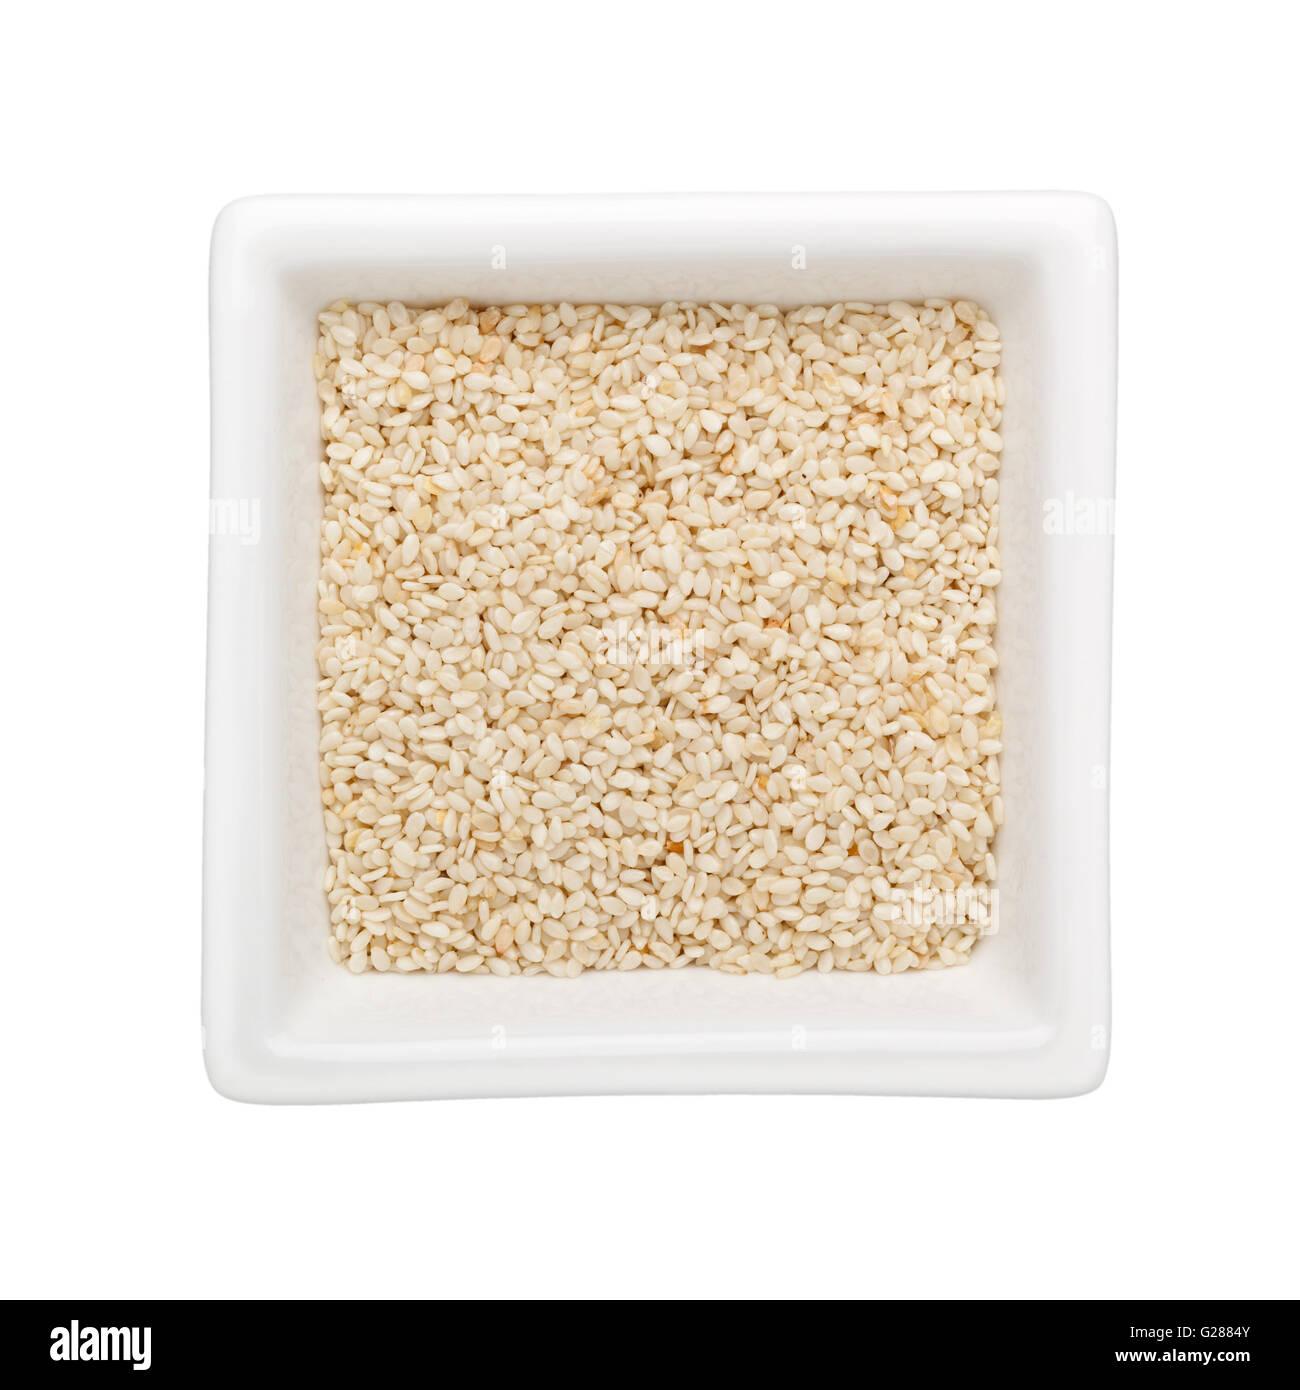 Graines de sésame blanches dans un bol carré isolé sur fond blanc Photo Stock